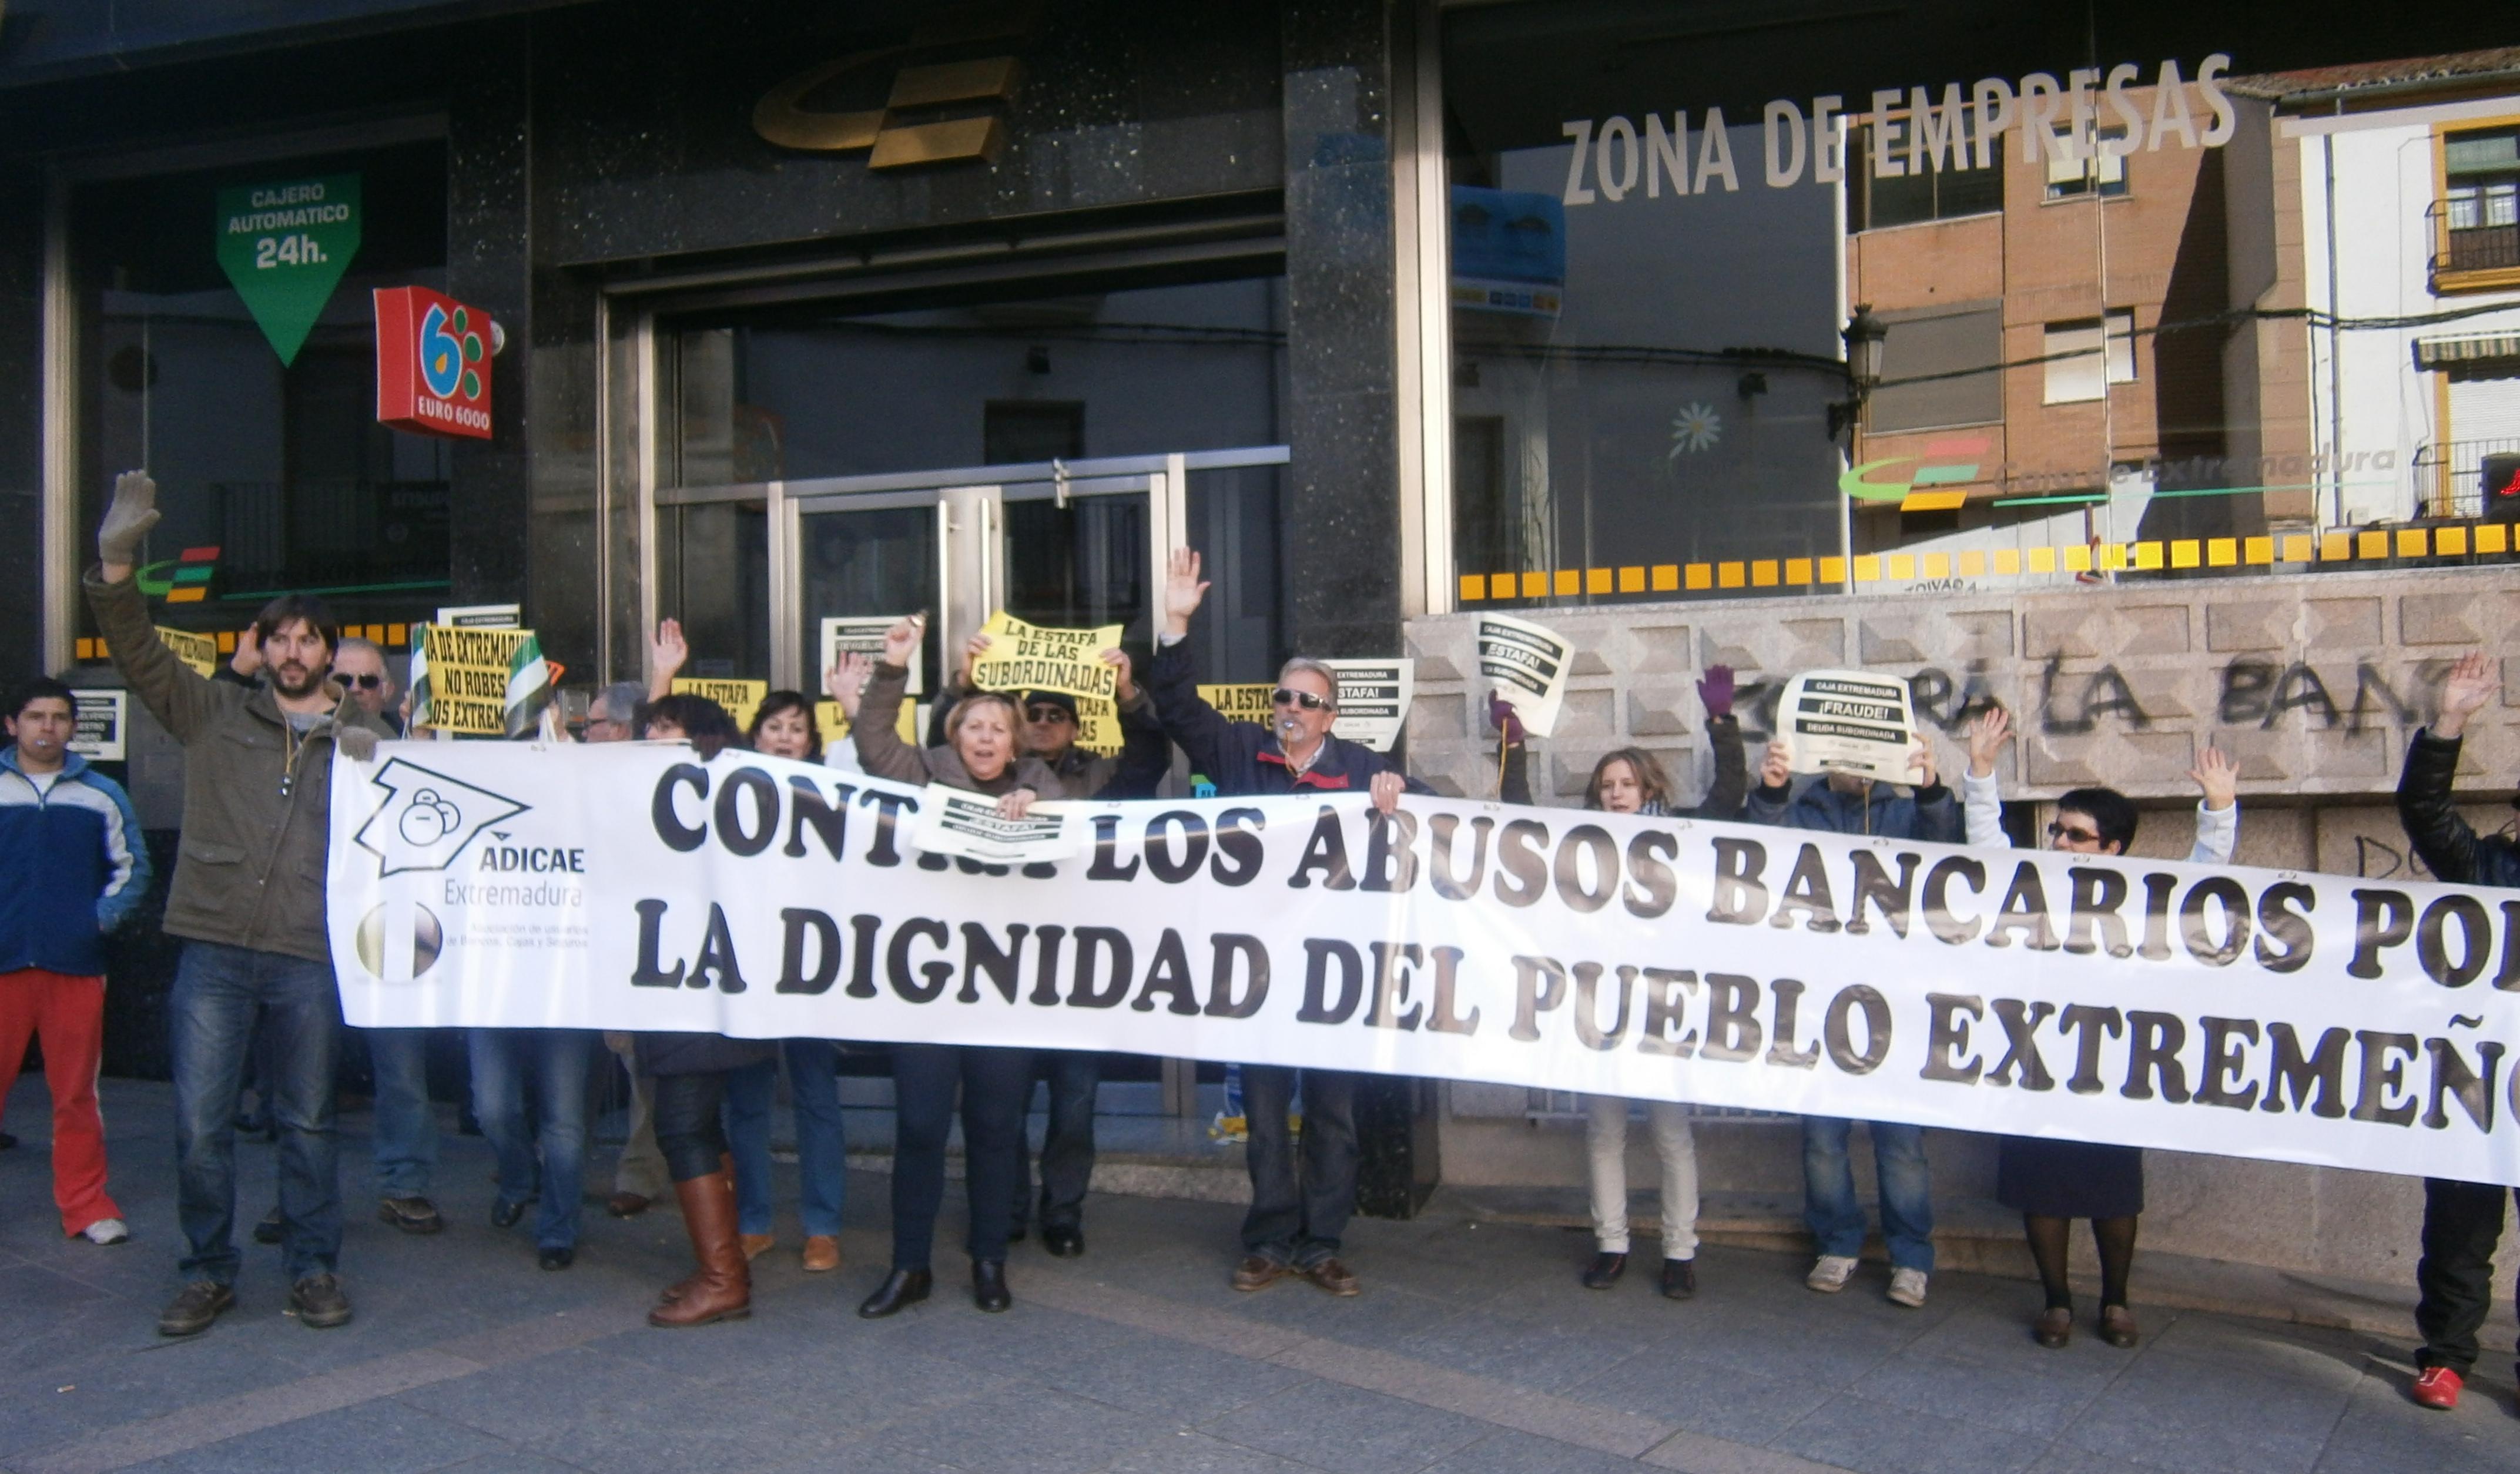 Movilización contra los abusos bancarios